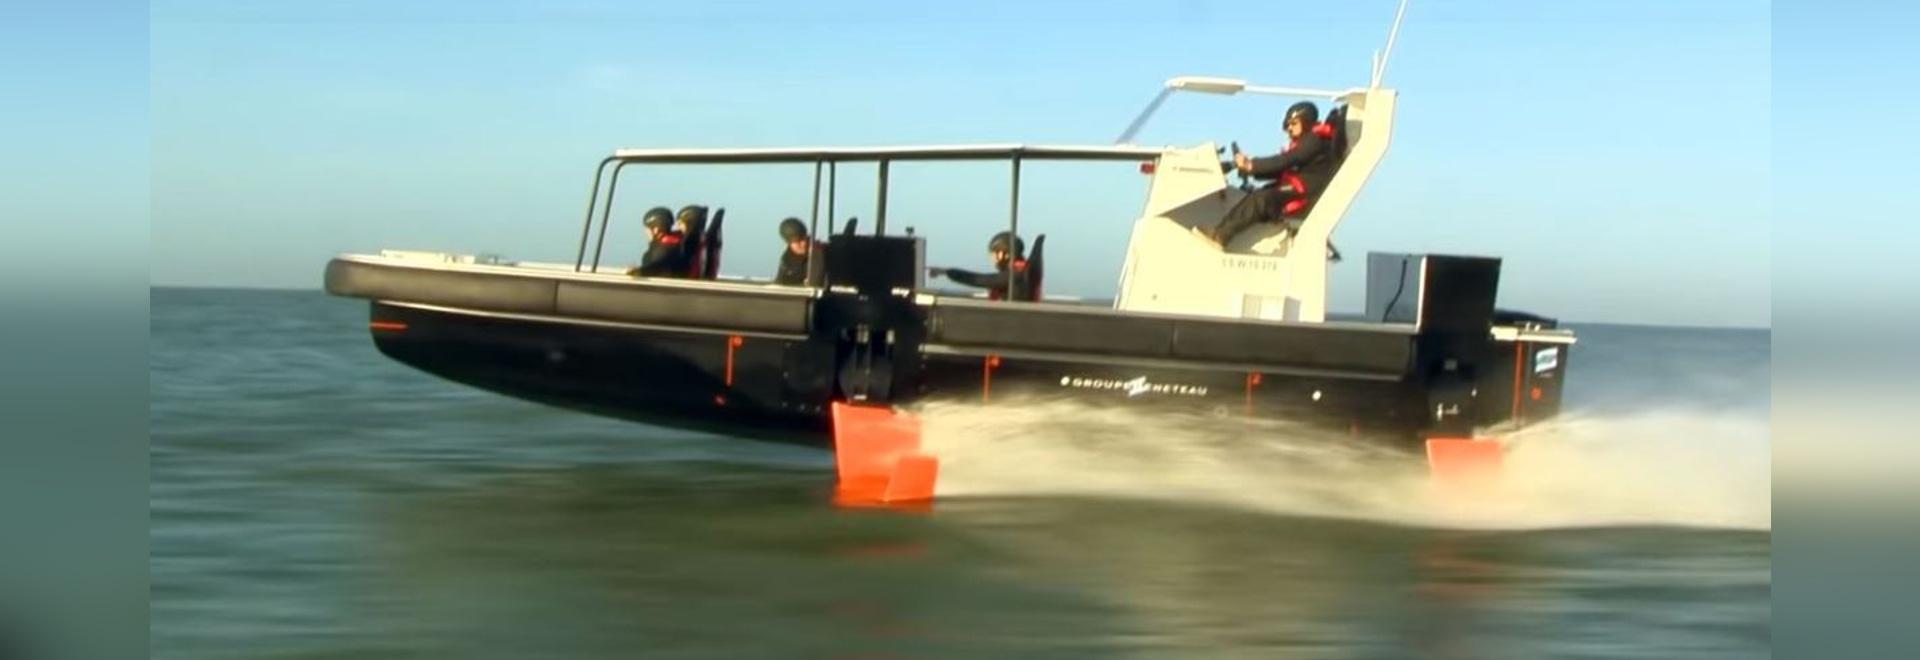 Groupe Beneteau dévoile son premier foiler de moteur